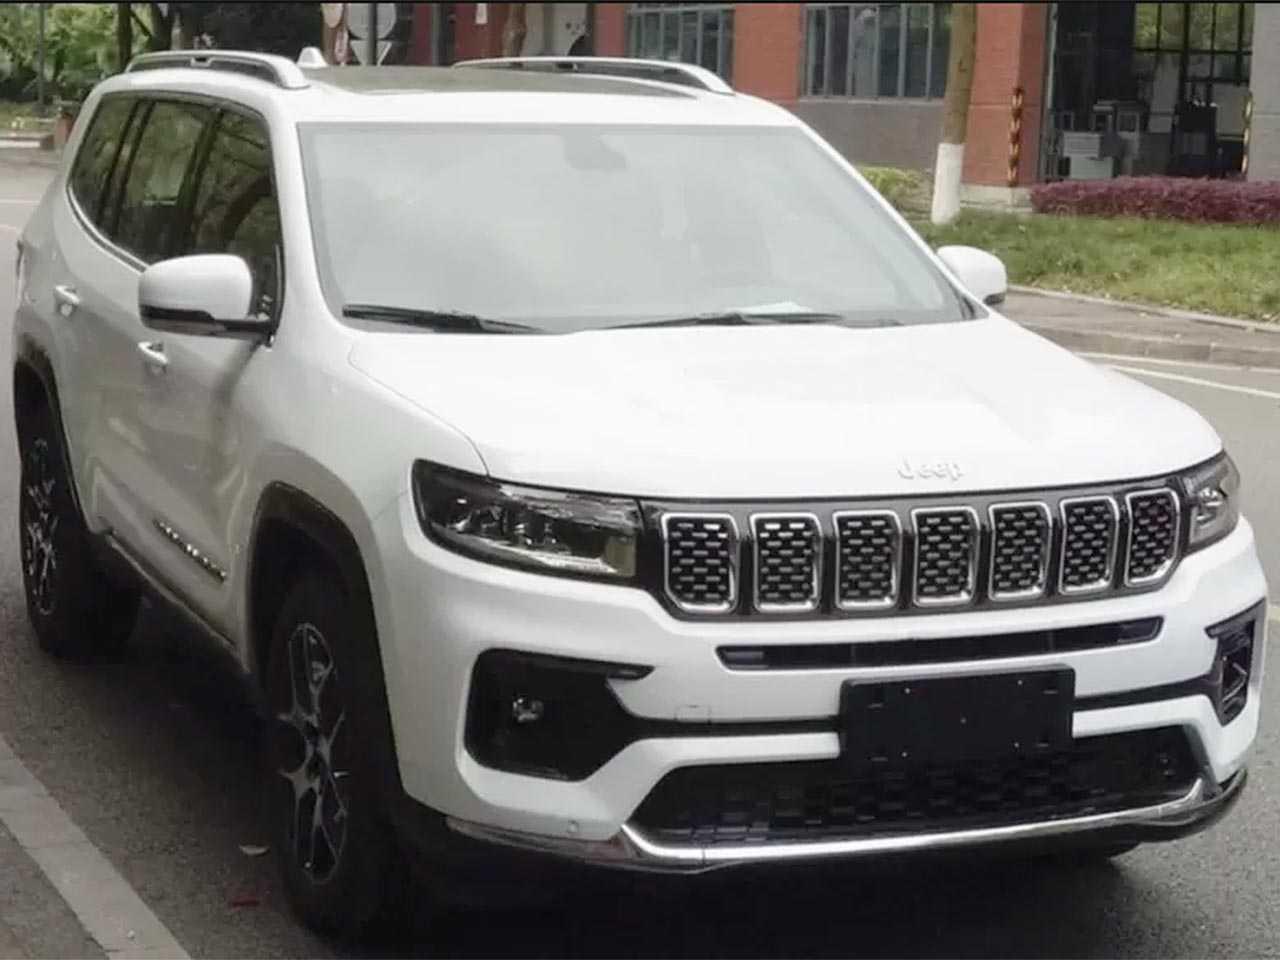 Imagem vazada do novo Jeep Grand Commander chinês: inspiração para o Projeto 598 no Brasil?